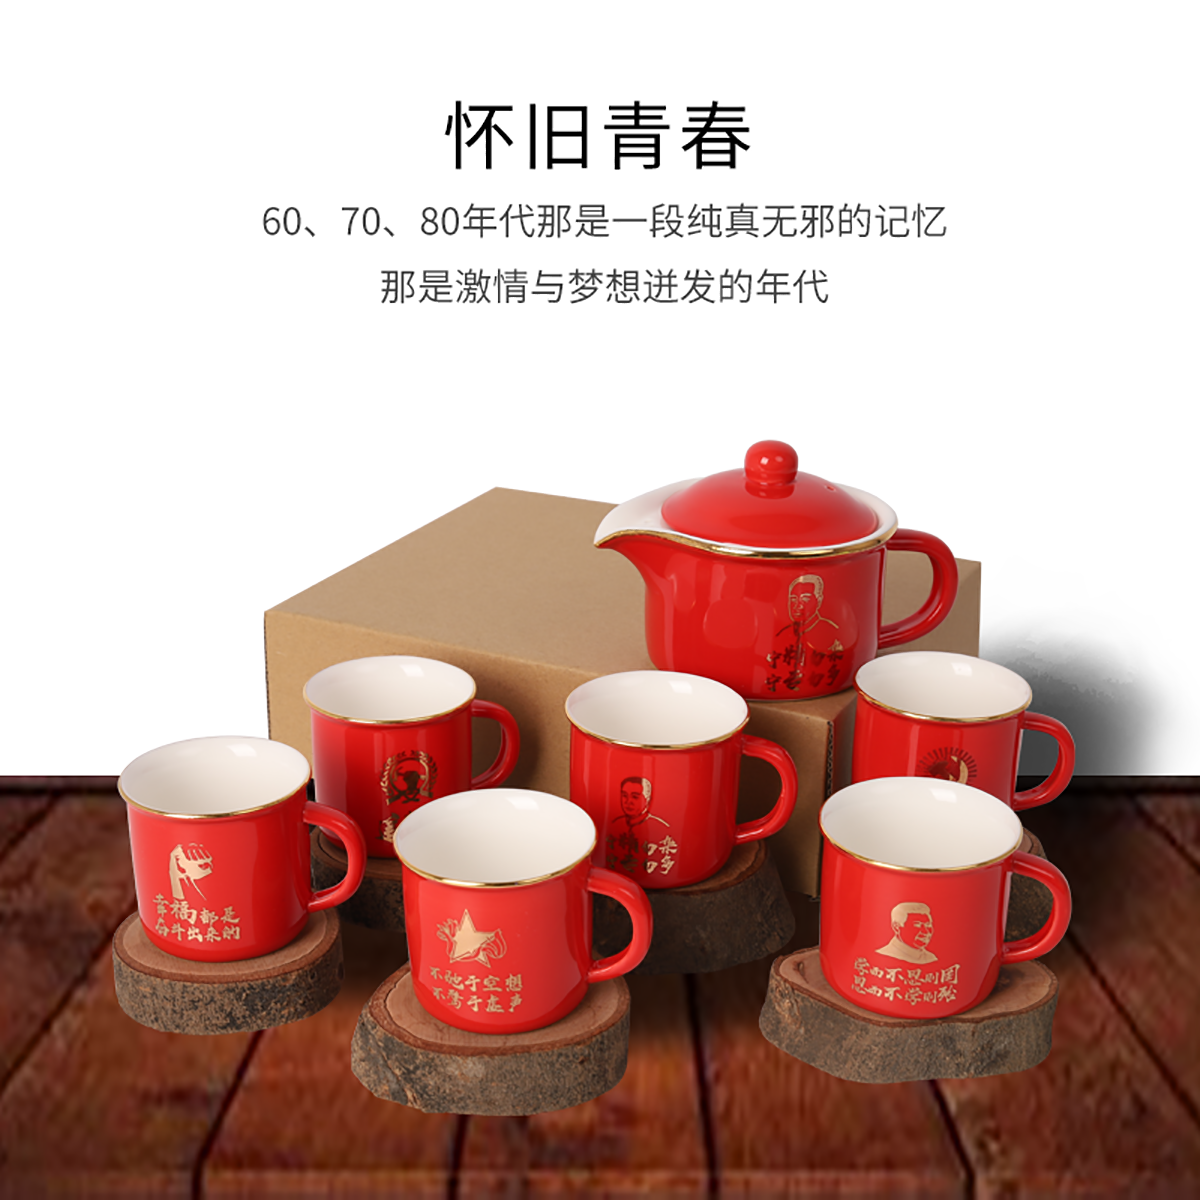 茶杯_05.png